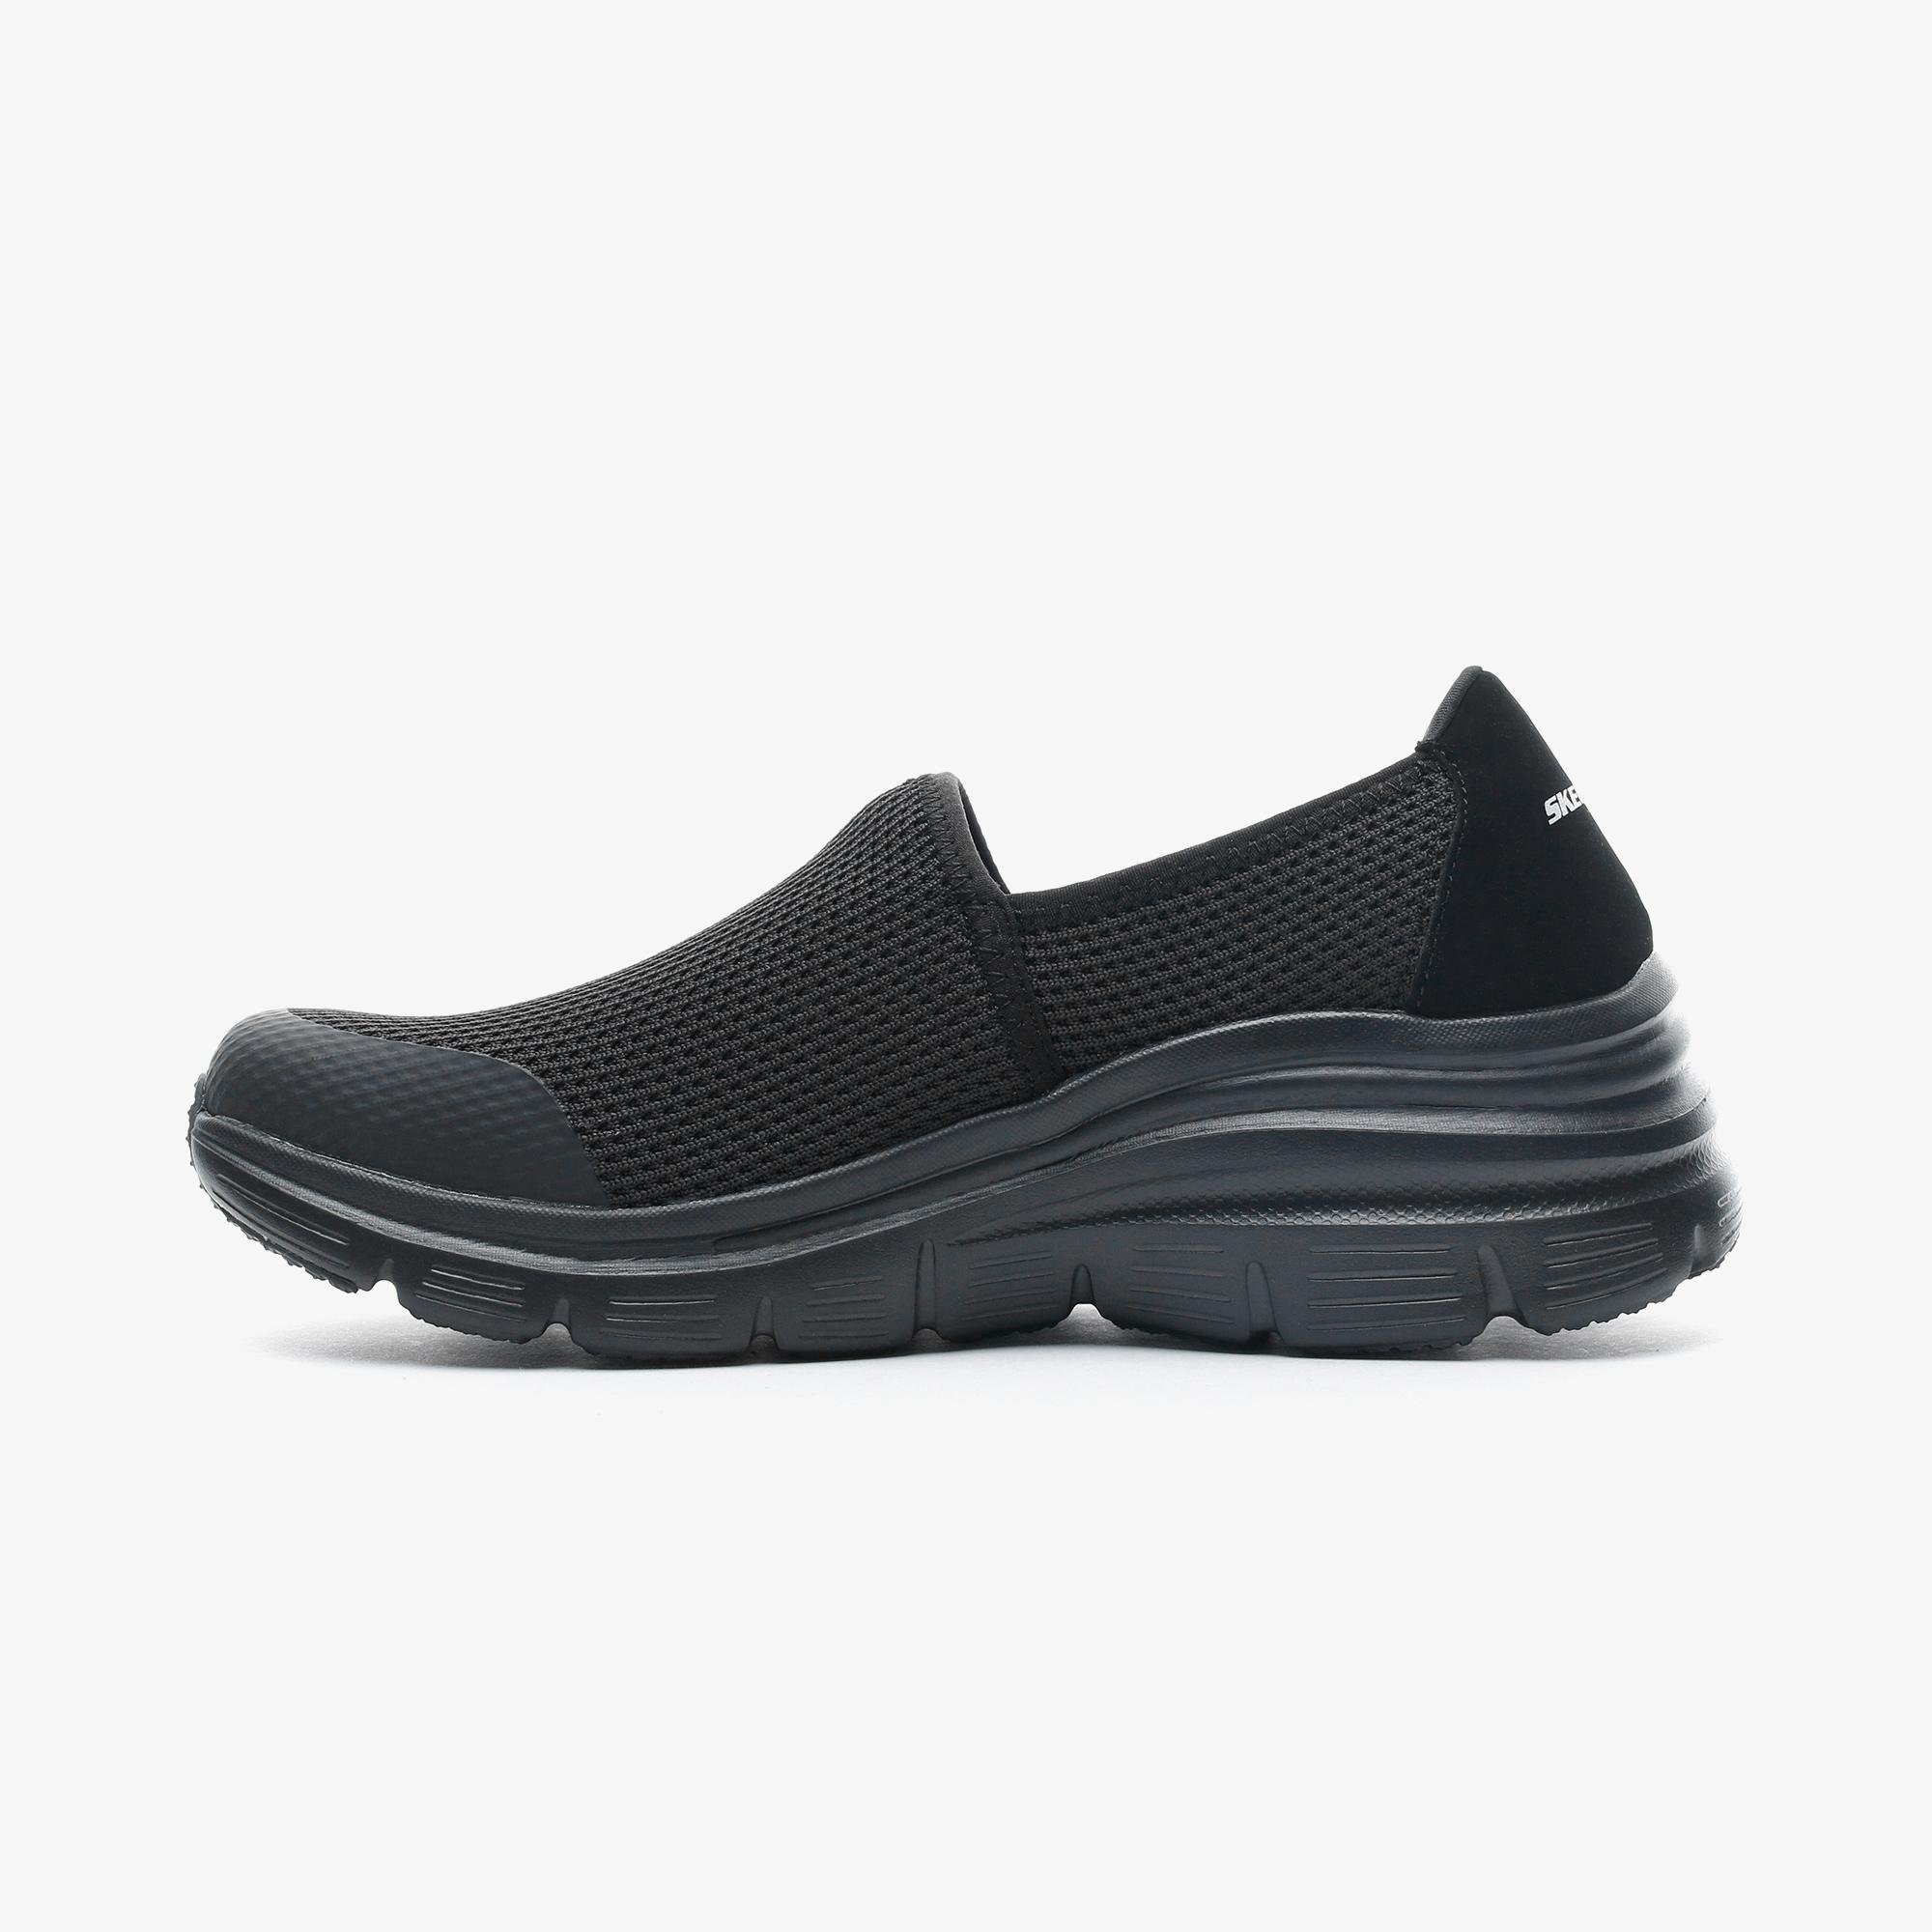 Skechers Fashion Fit Siyah Kadın Spor Ayakkabı